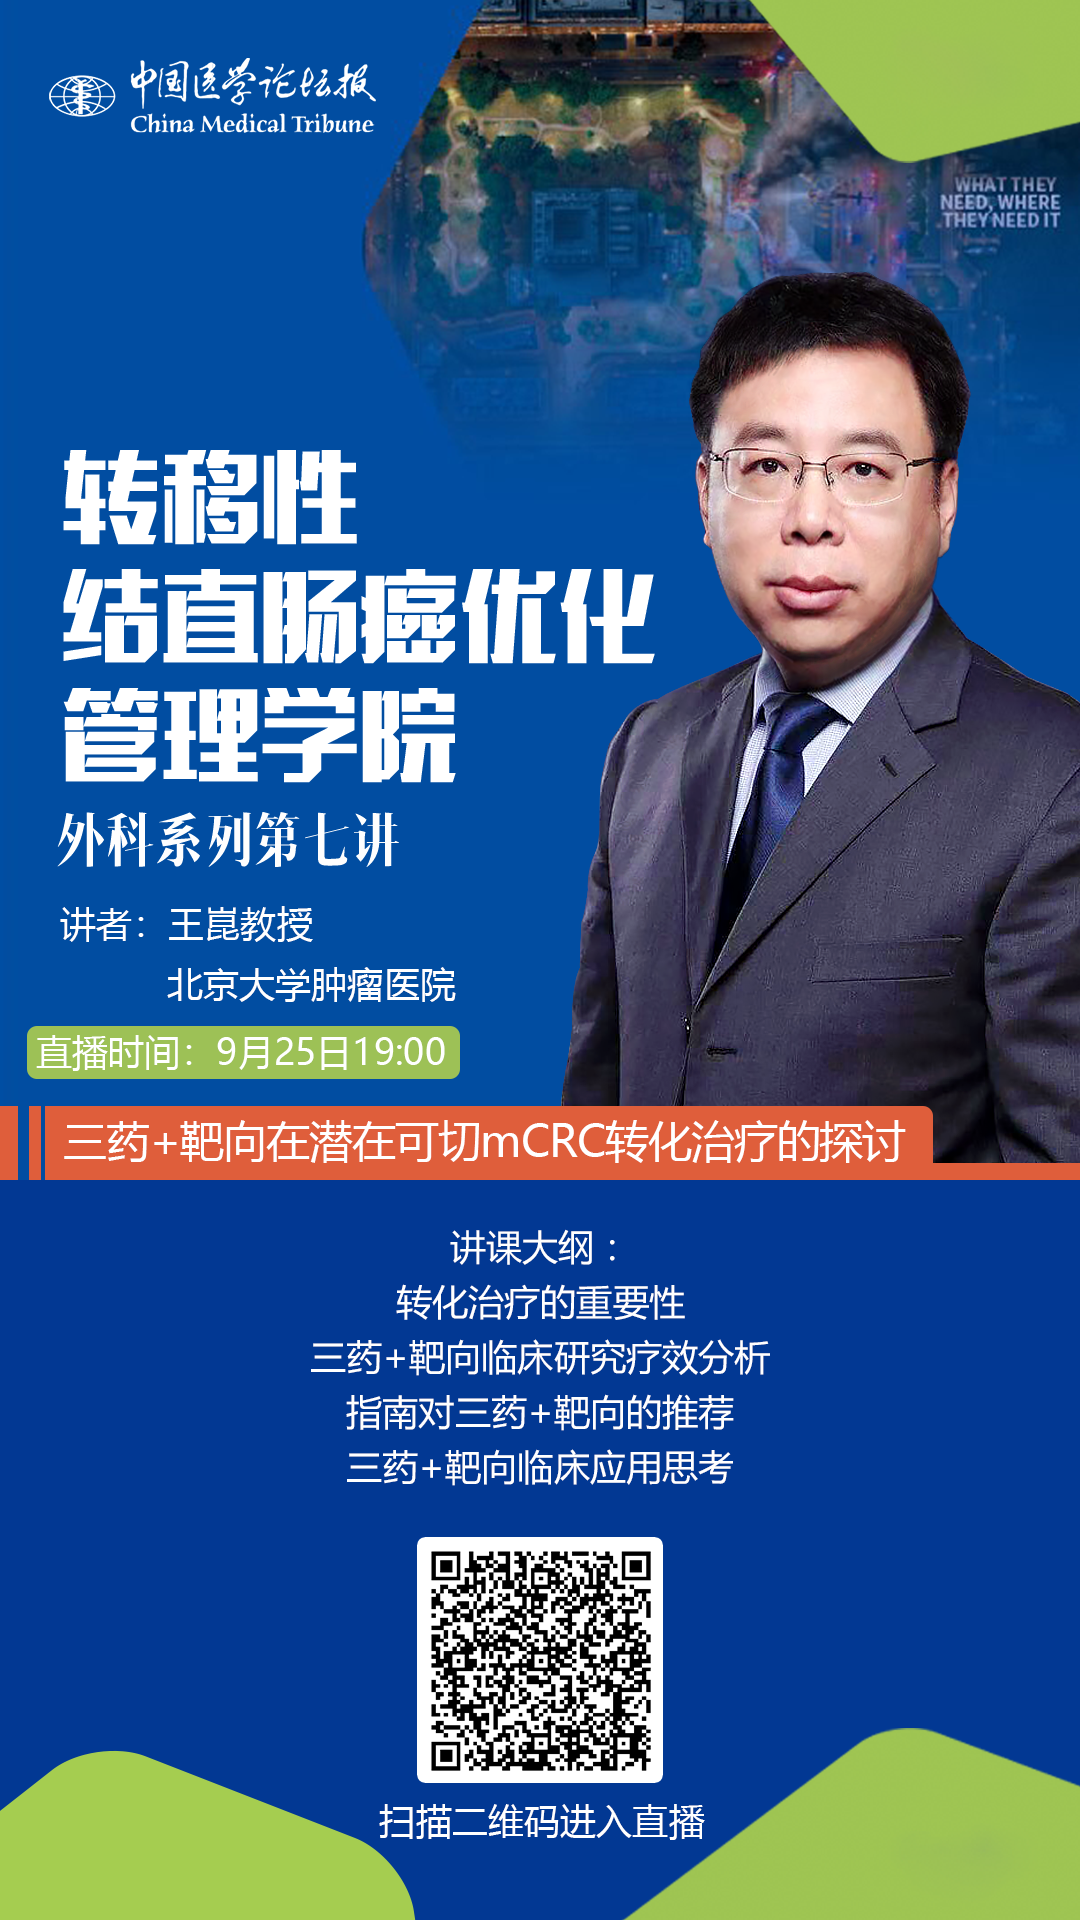 14-王崑教授-ps文件-外科7海报.png